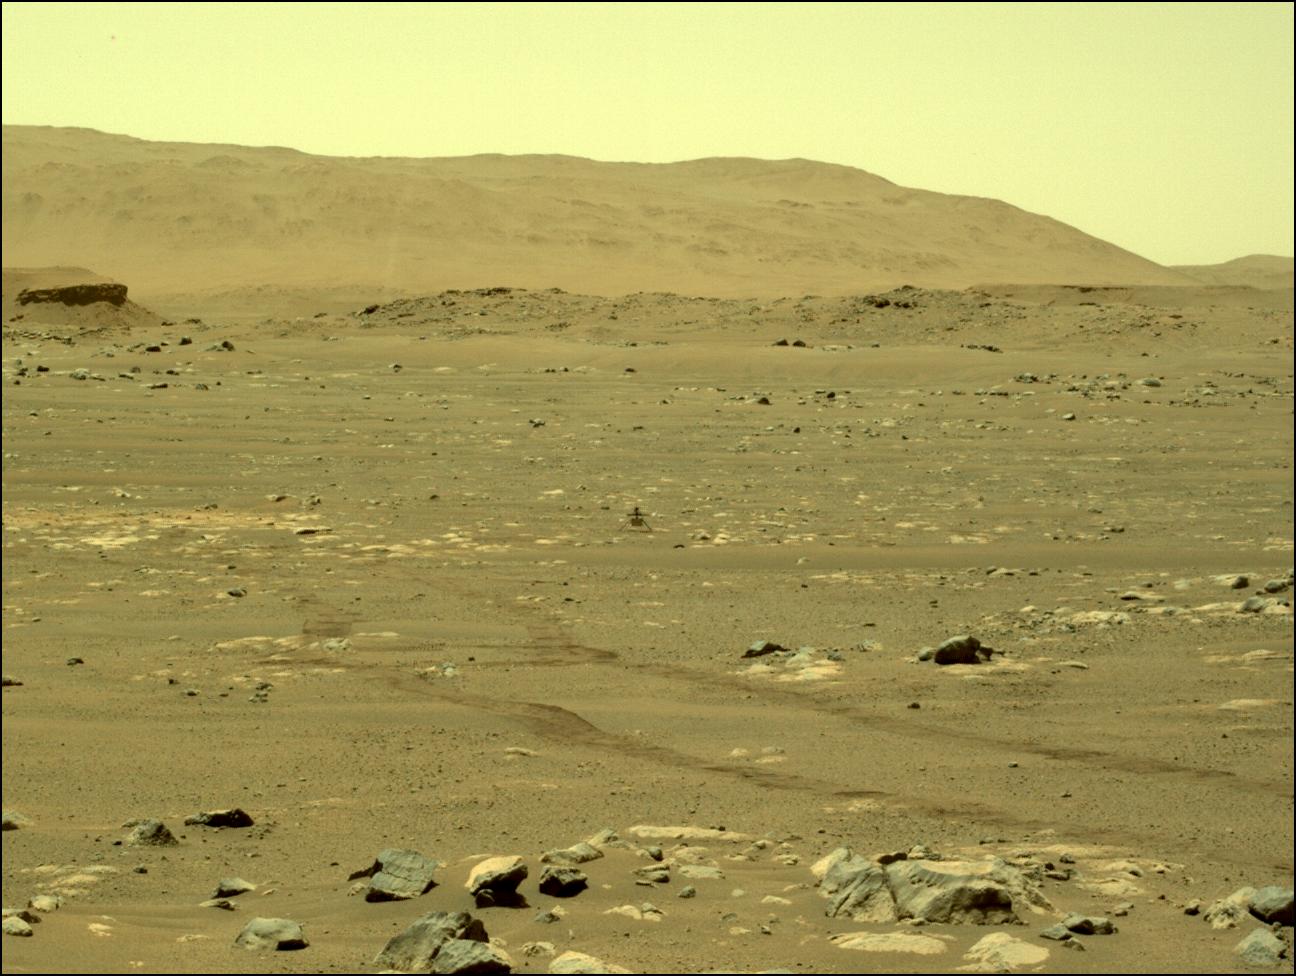 Mars_Perseverance_NLF_0052_0671559358_448EBY_N0031950NCAM00409_00_0LLJ.png